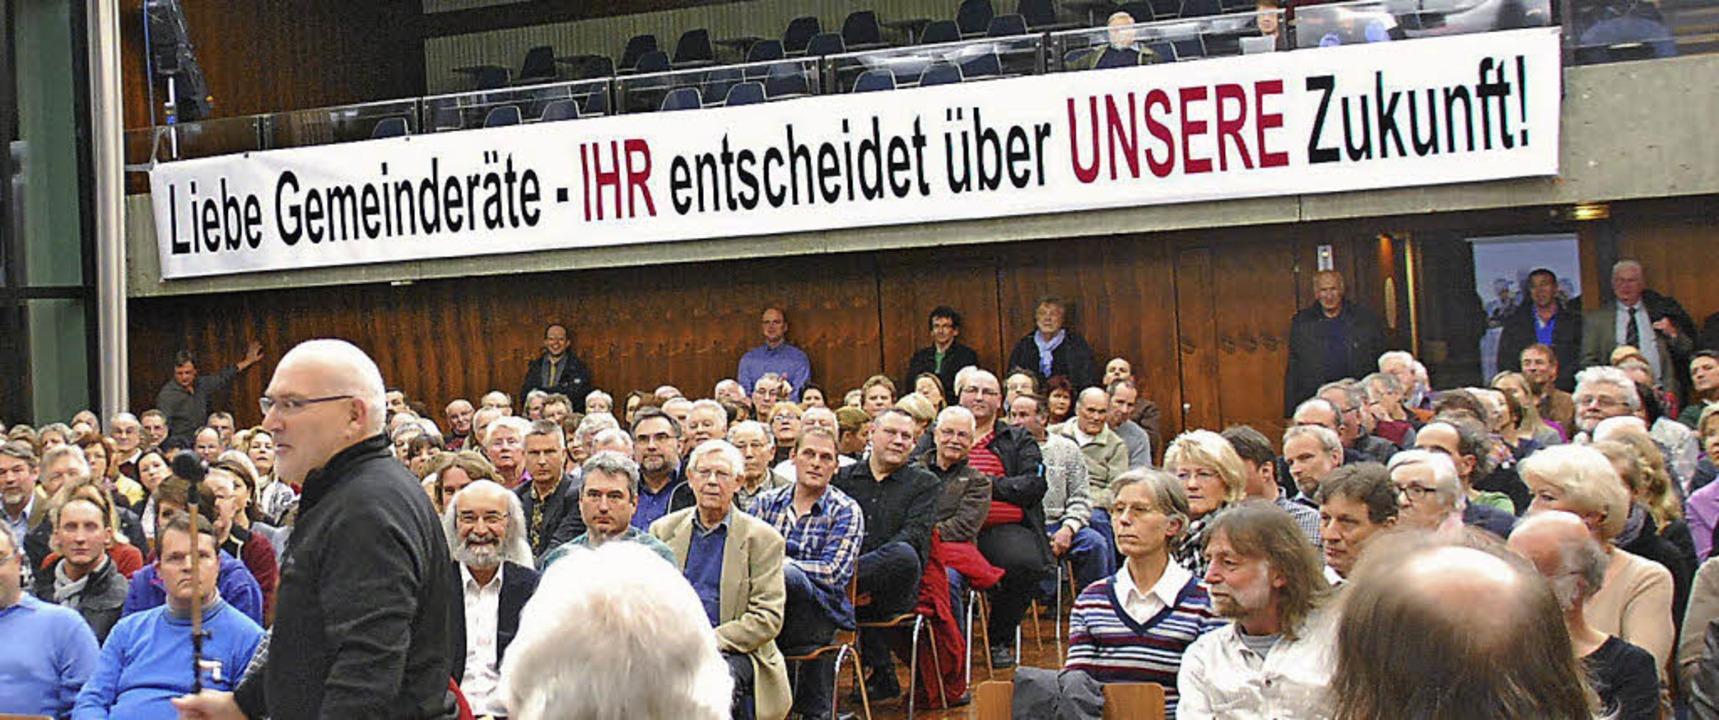 Bild von der Bürgerversammlung vom 4. März   | Foto: Ralf Staub